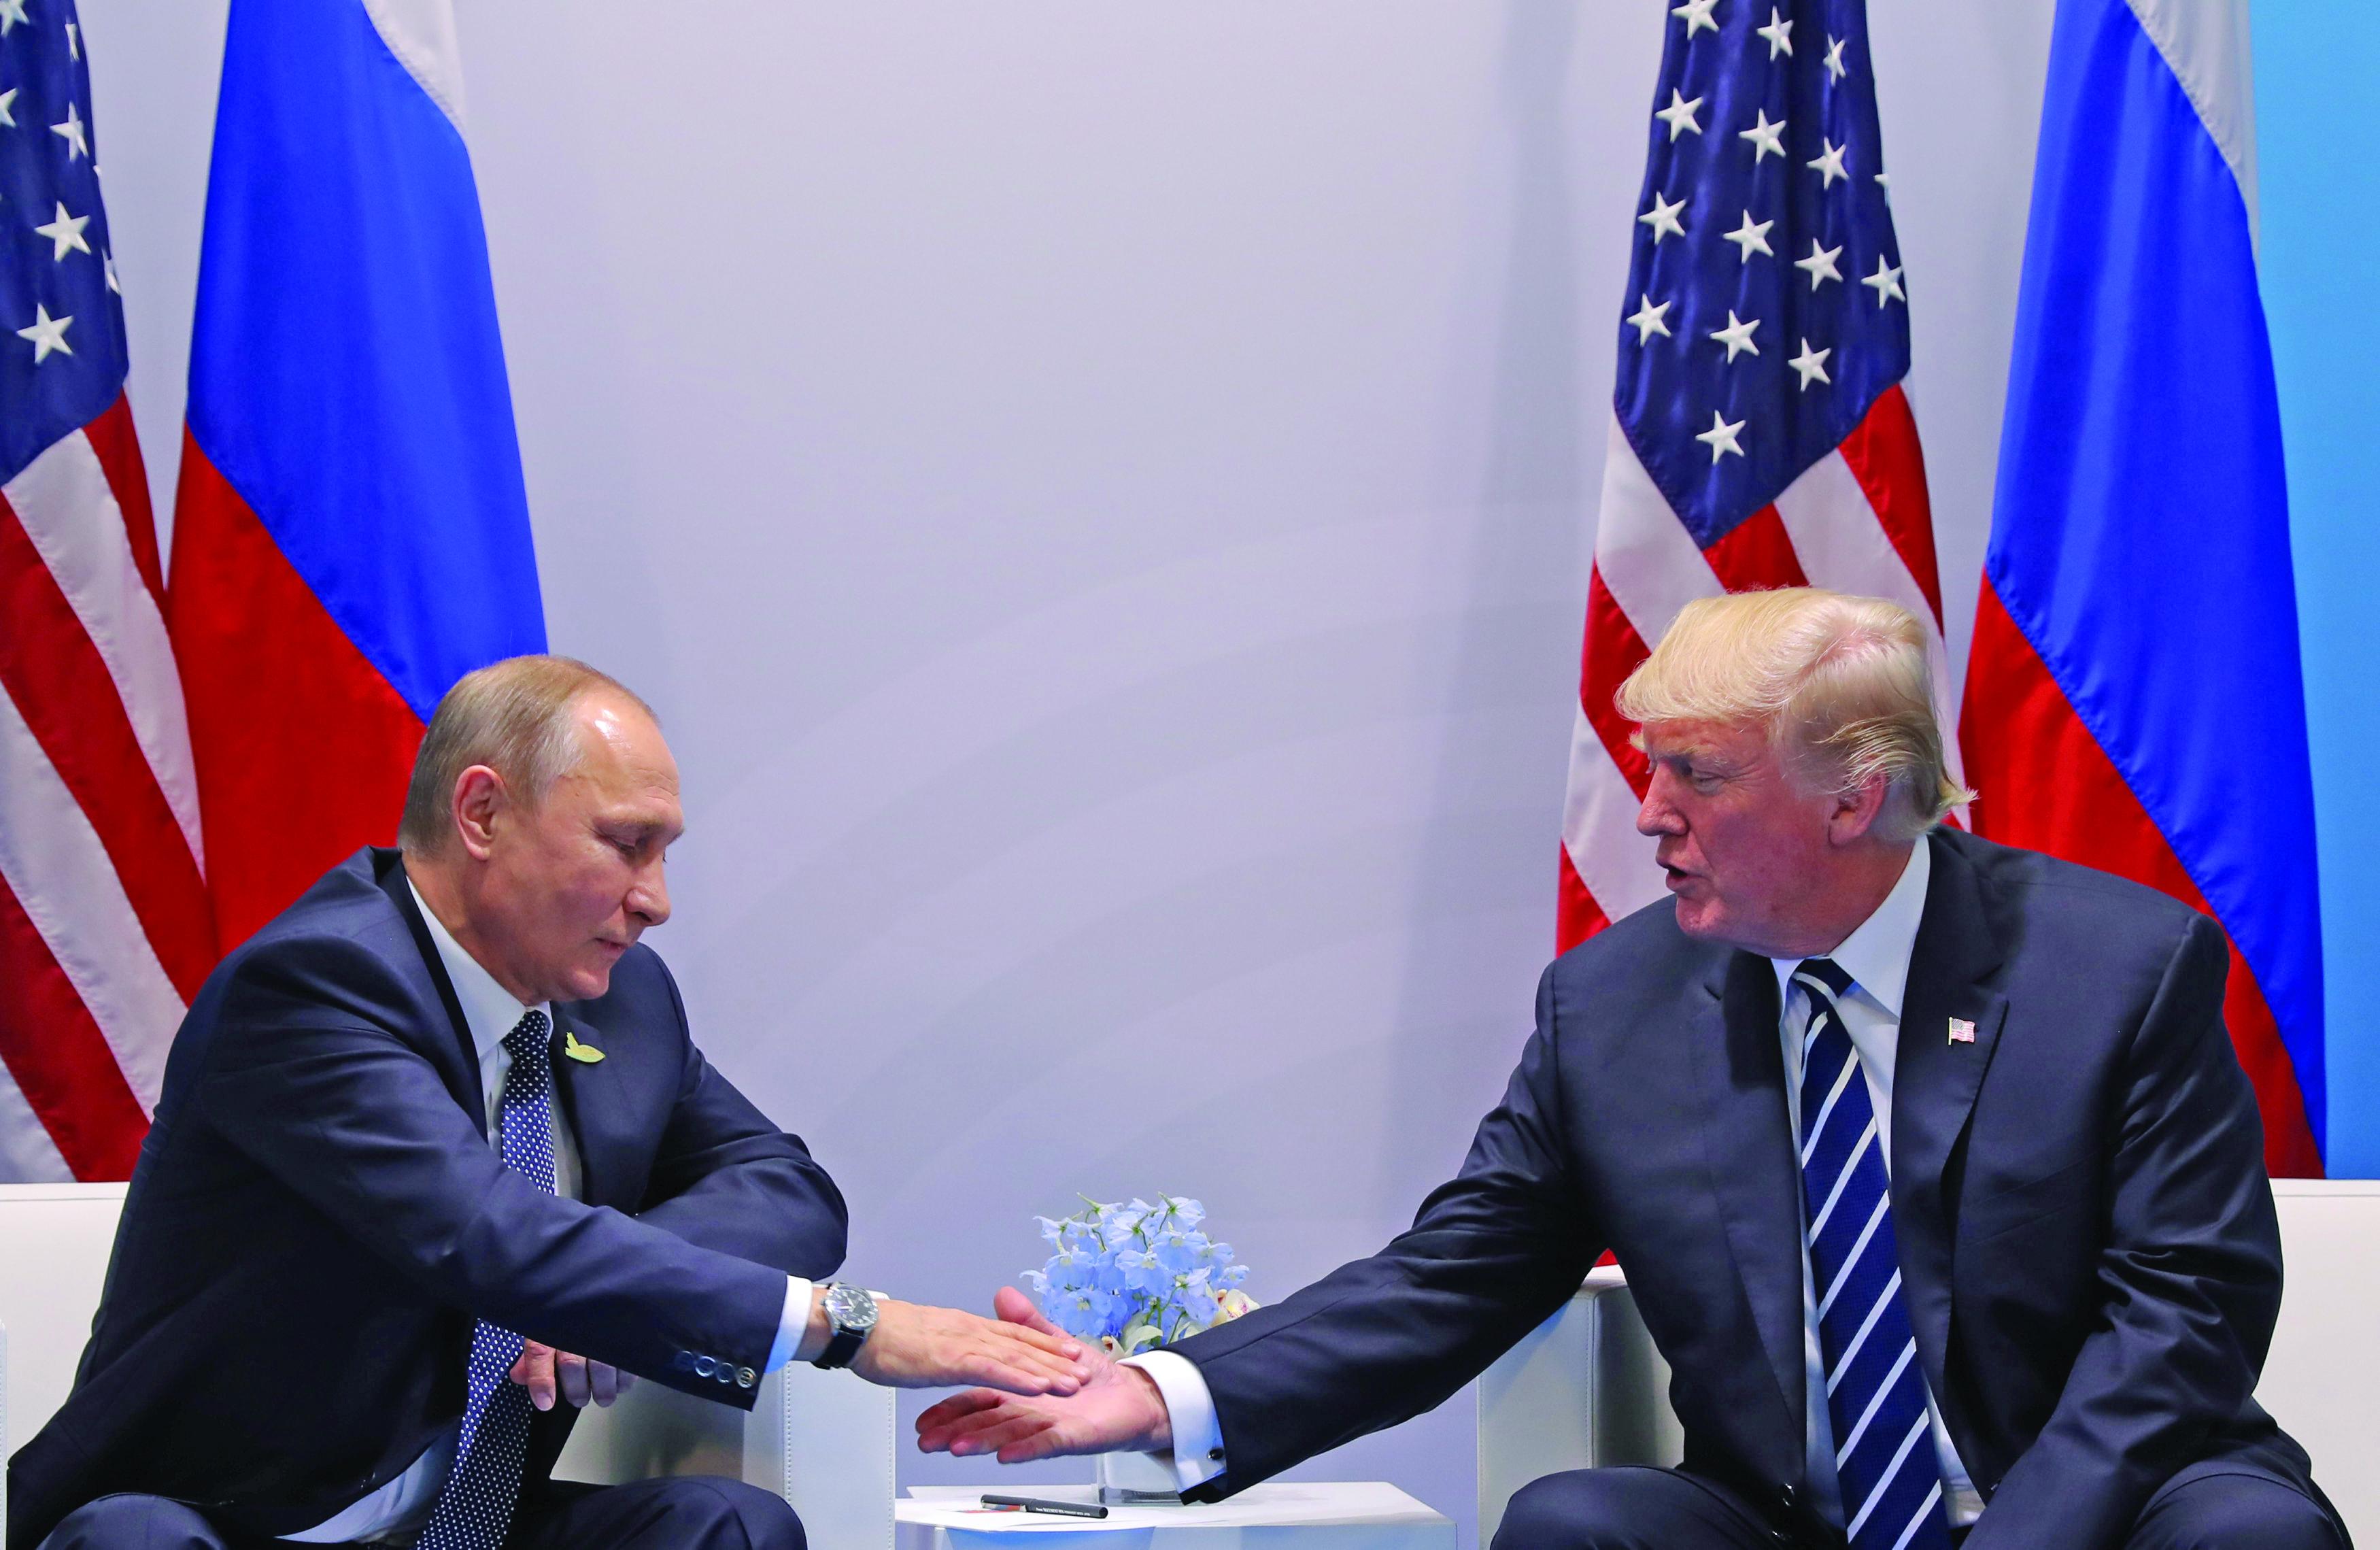 تقرير إخباريالتدخل الروسي في الانتخابات الأمريكية... اتهامات ستظل تطارد ولاية ترامب